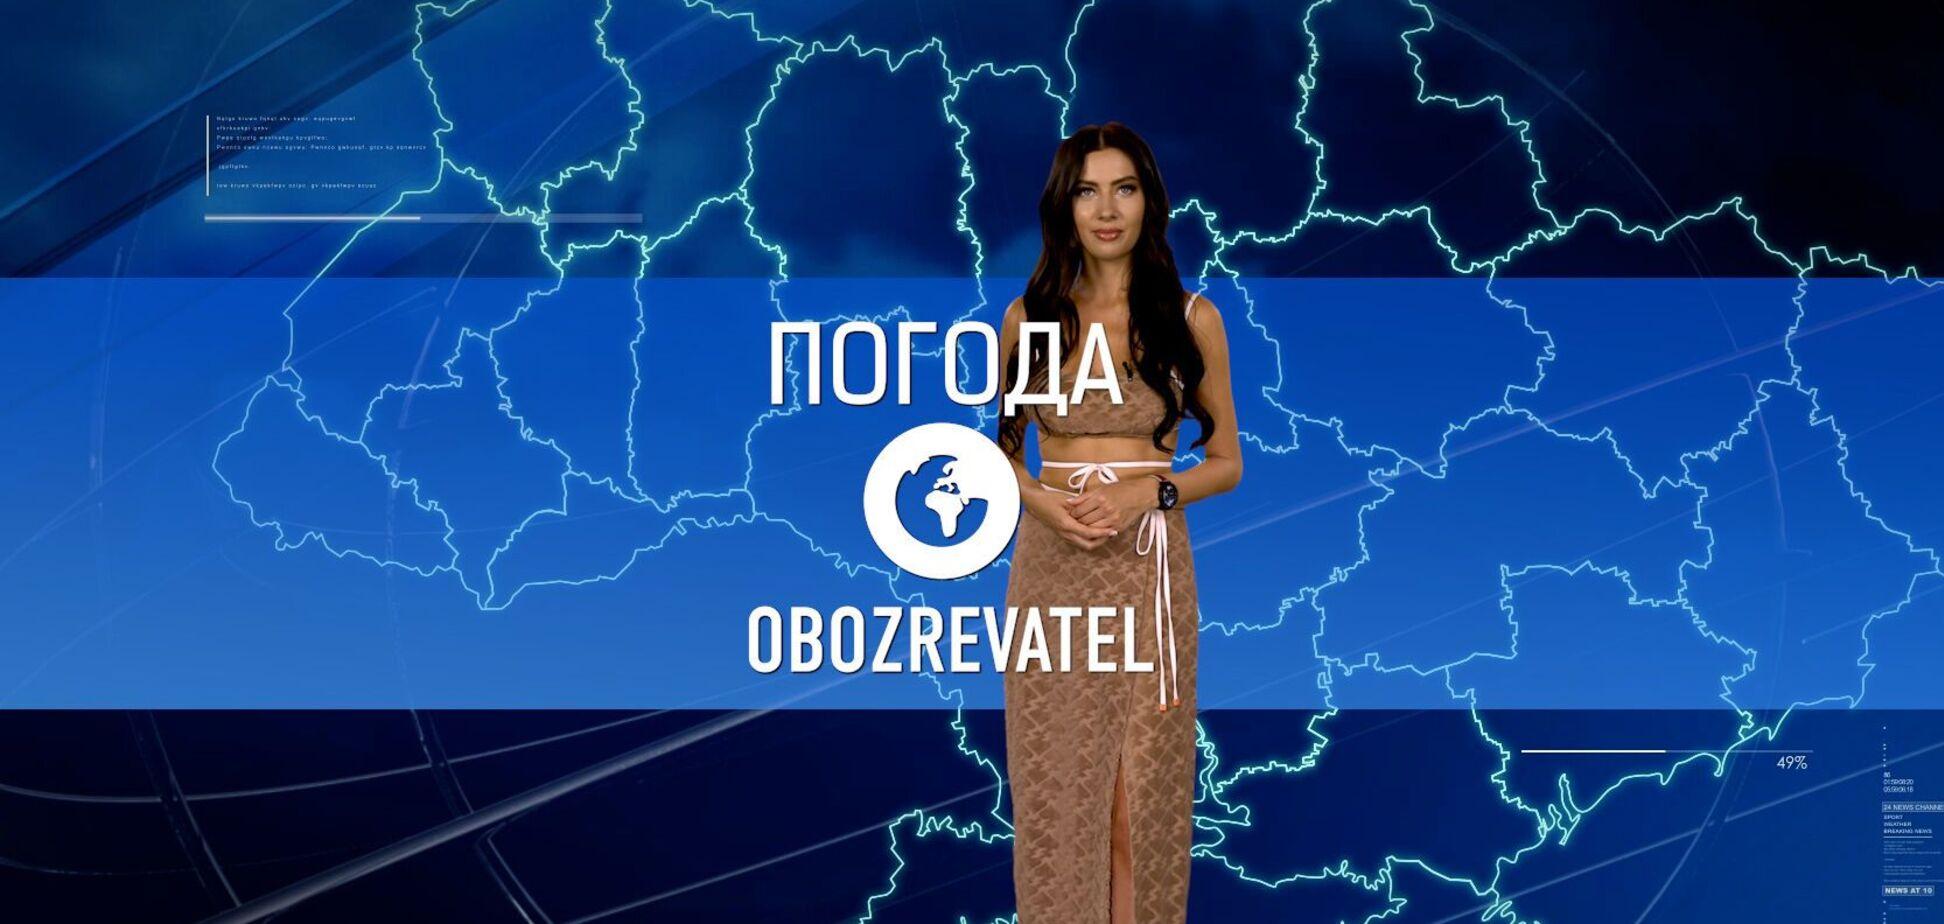 Прогноз погоди в Україні на суботу, 31 липня, з Алісою Мярковською